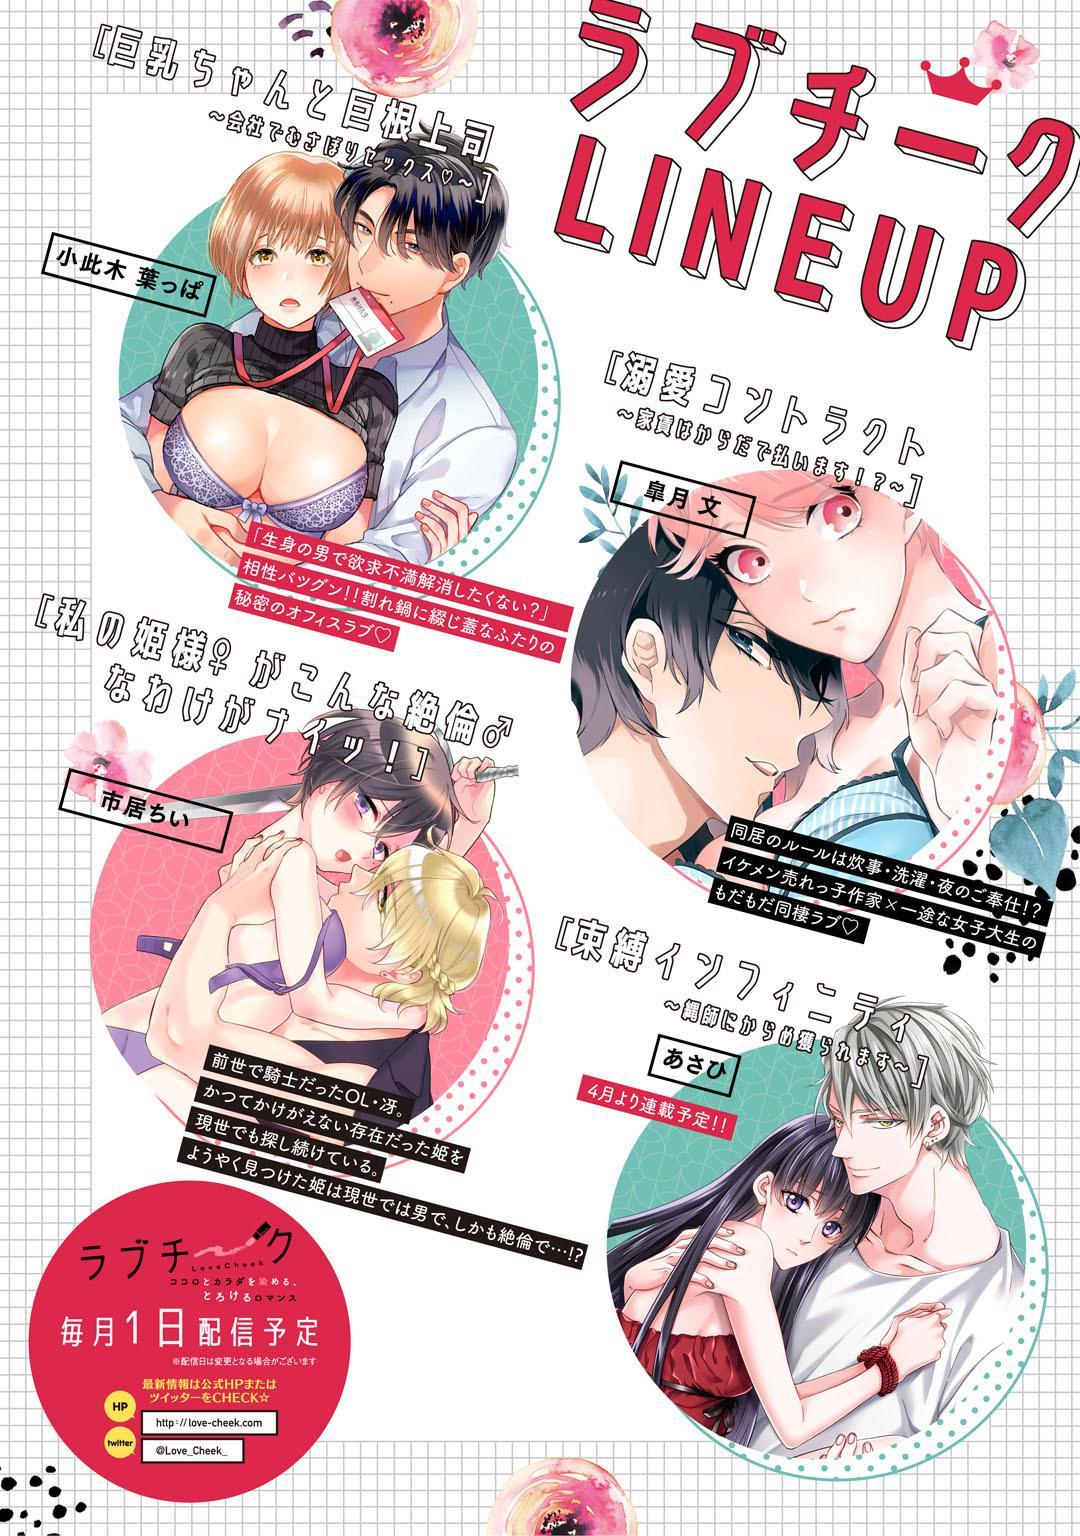 [Okonogi Happa] Kyonyuu-chan to Kyokon Joushi -Kaisha de Musabori Sex- act. 2 41